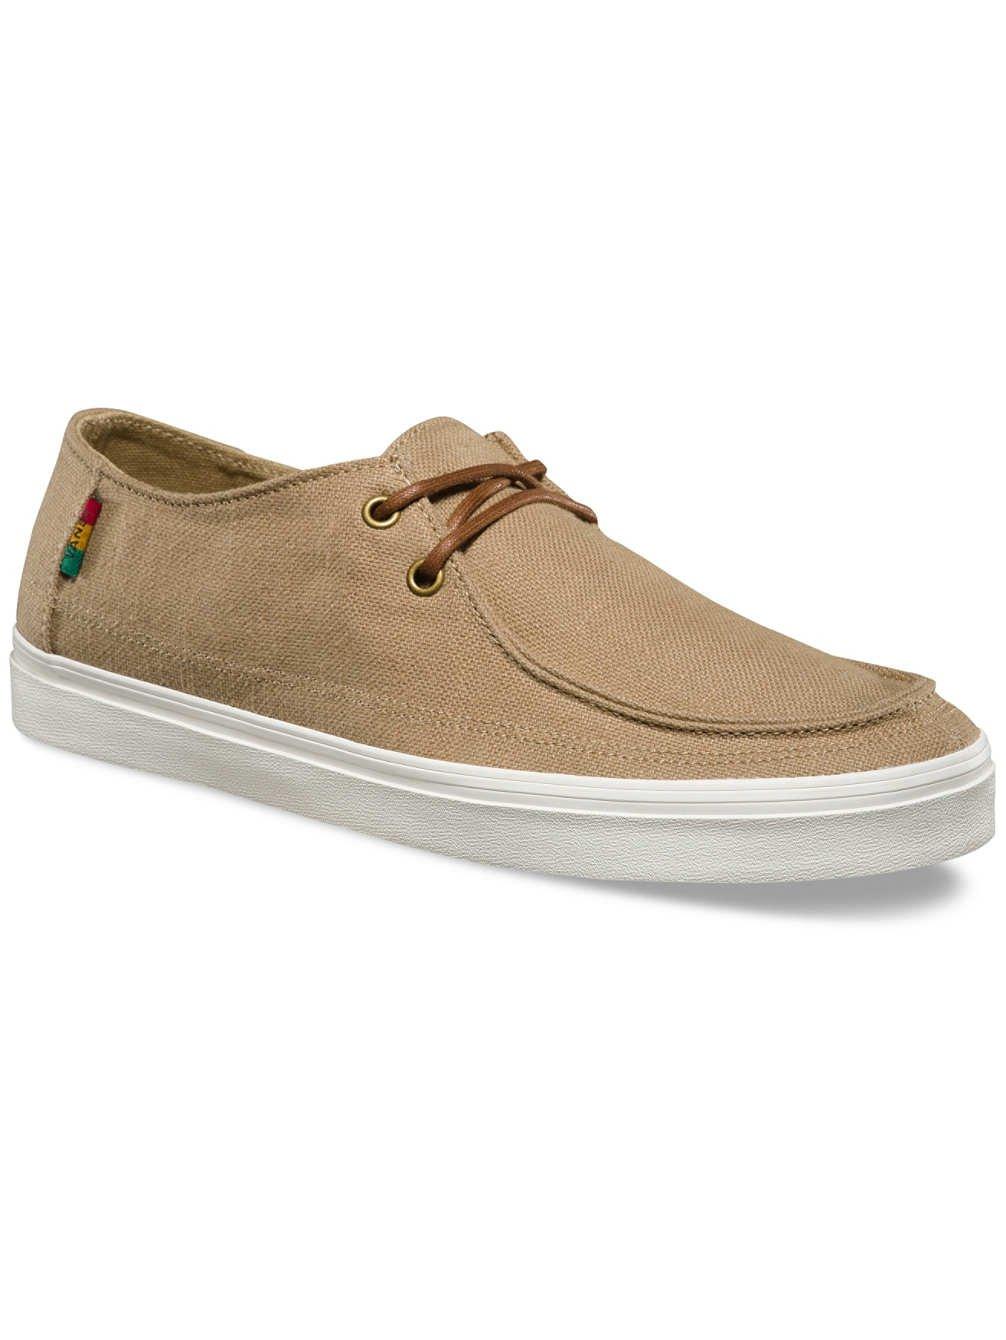 152d6b95166 Vans Rata Vulc SF (Hemp Khaki Rasta) Mens Skate Shoes-13  Amazon.com.au   Sports